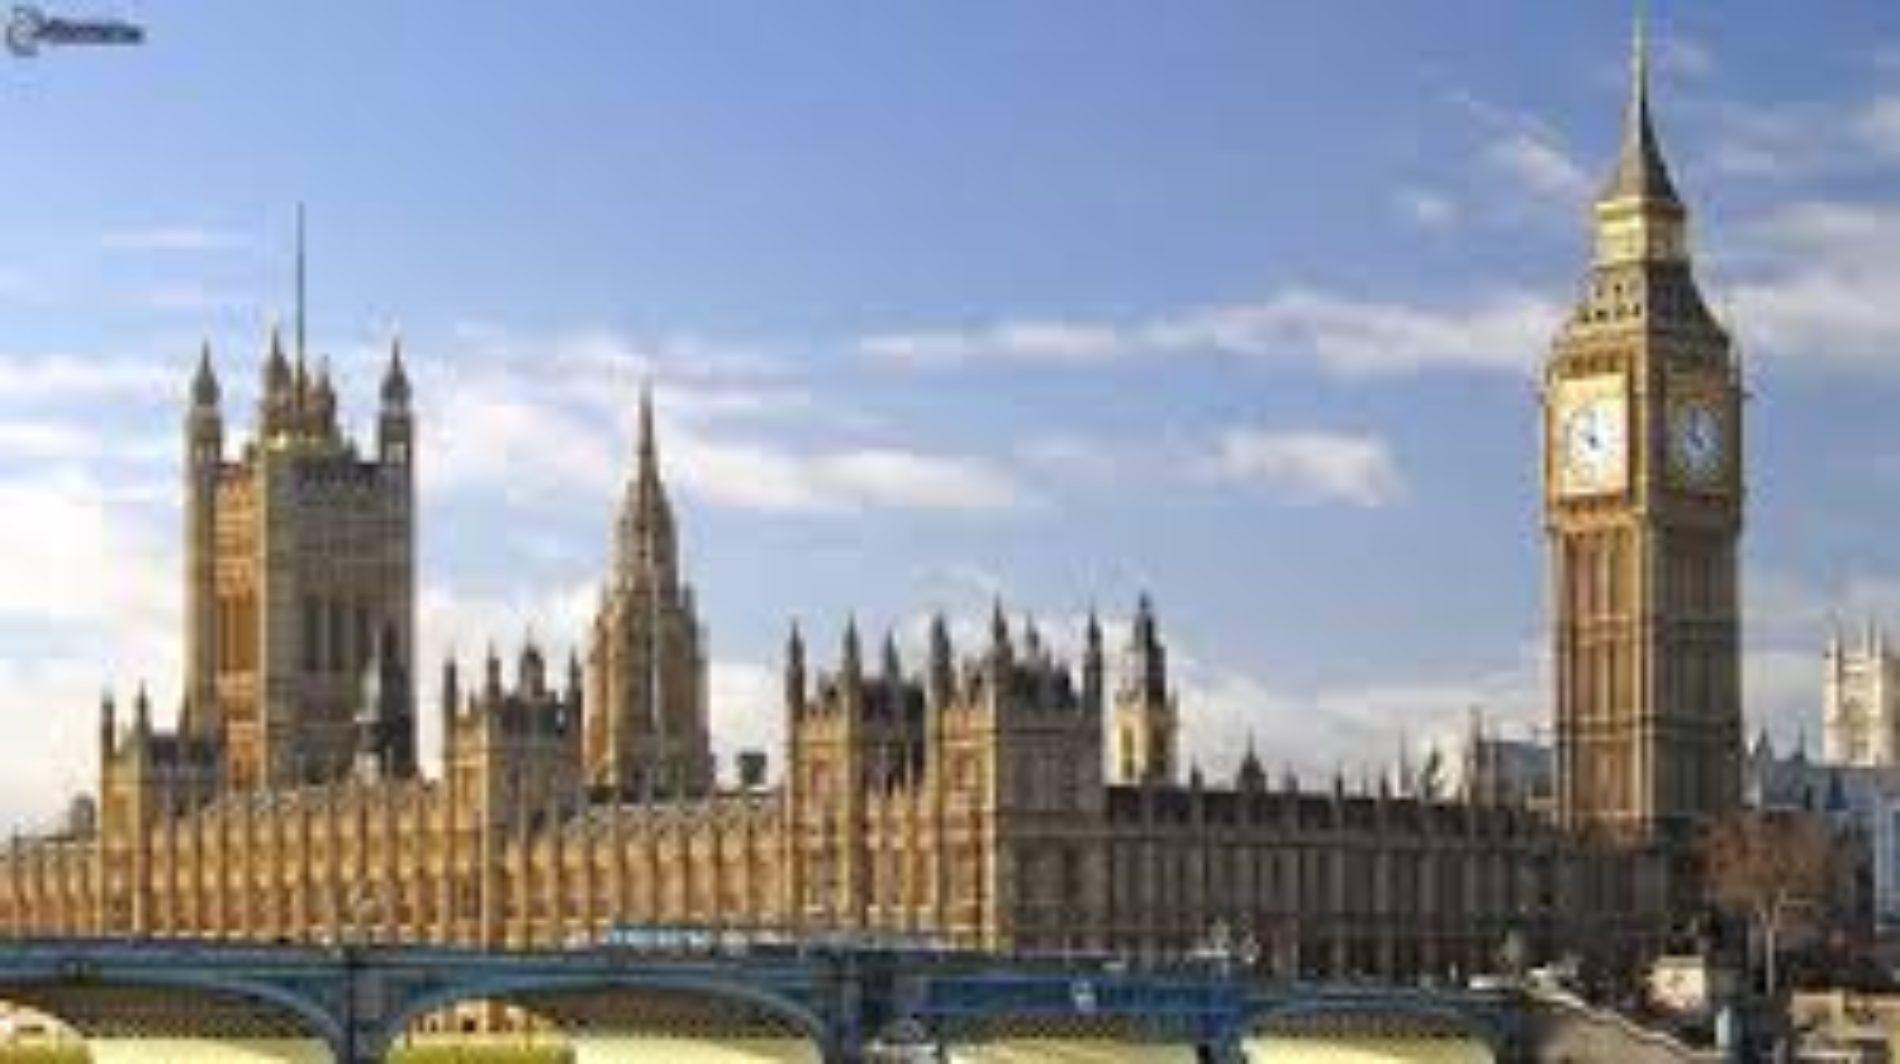 E-cig e riduzione del danno fumo correlato: i risultati presentati al Parlamento britannico